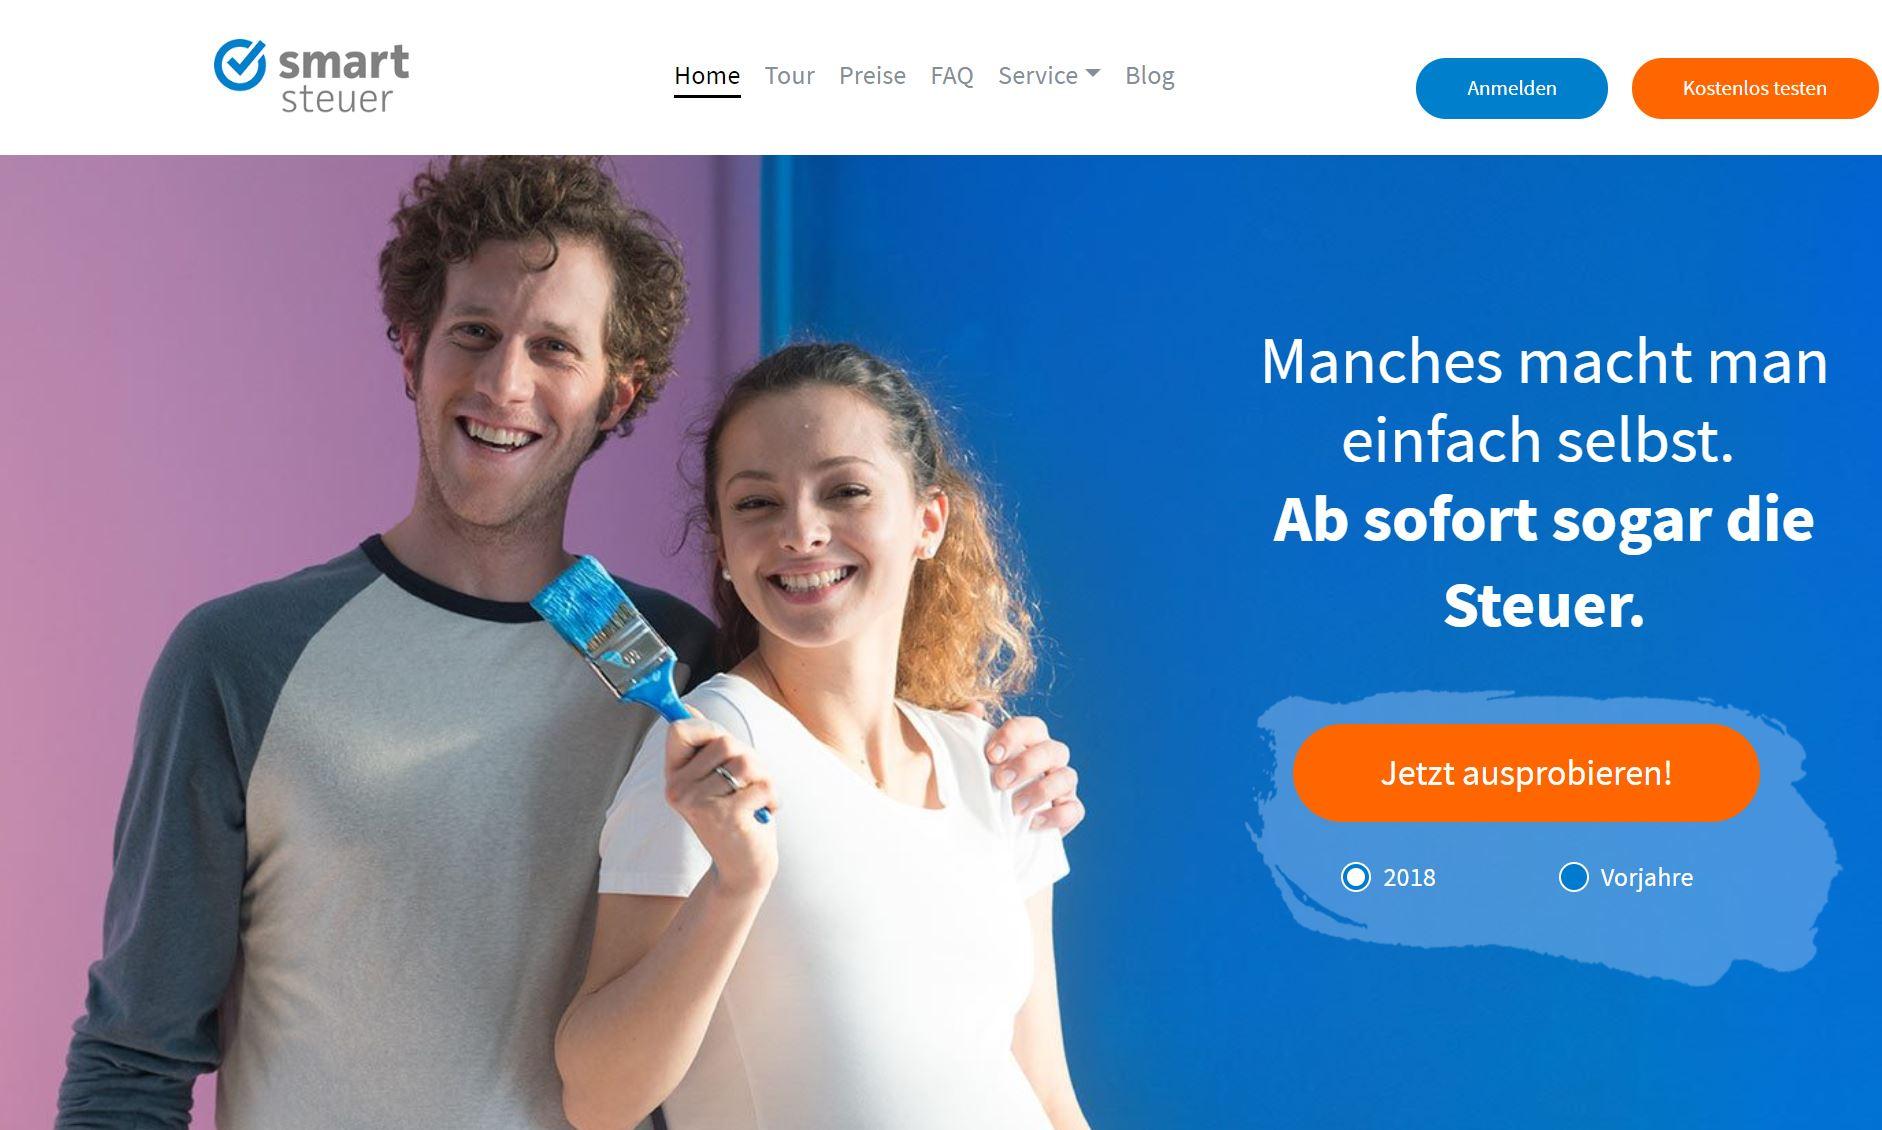 smartsteuer - Steuererklärung online selber machen